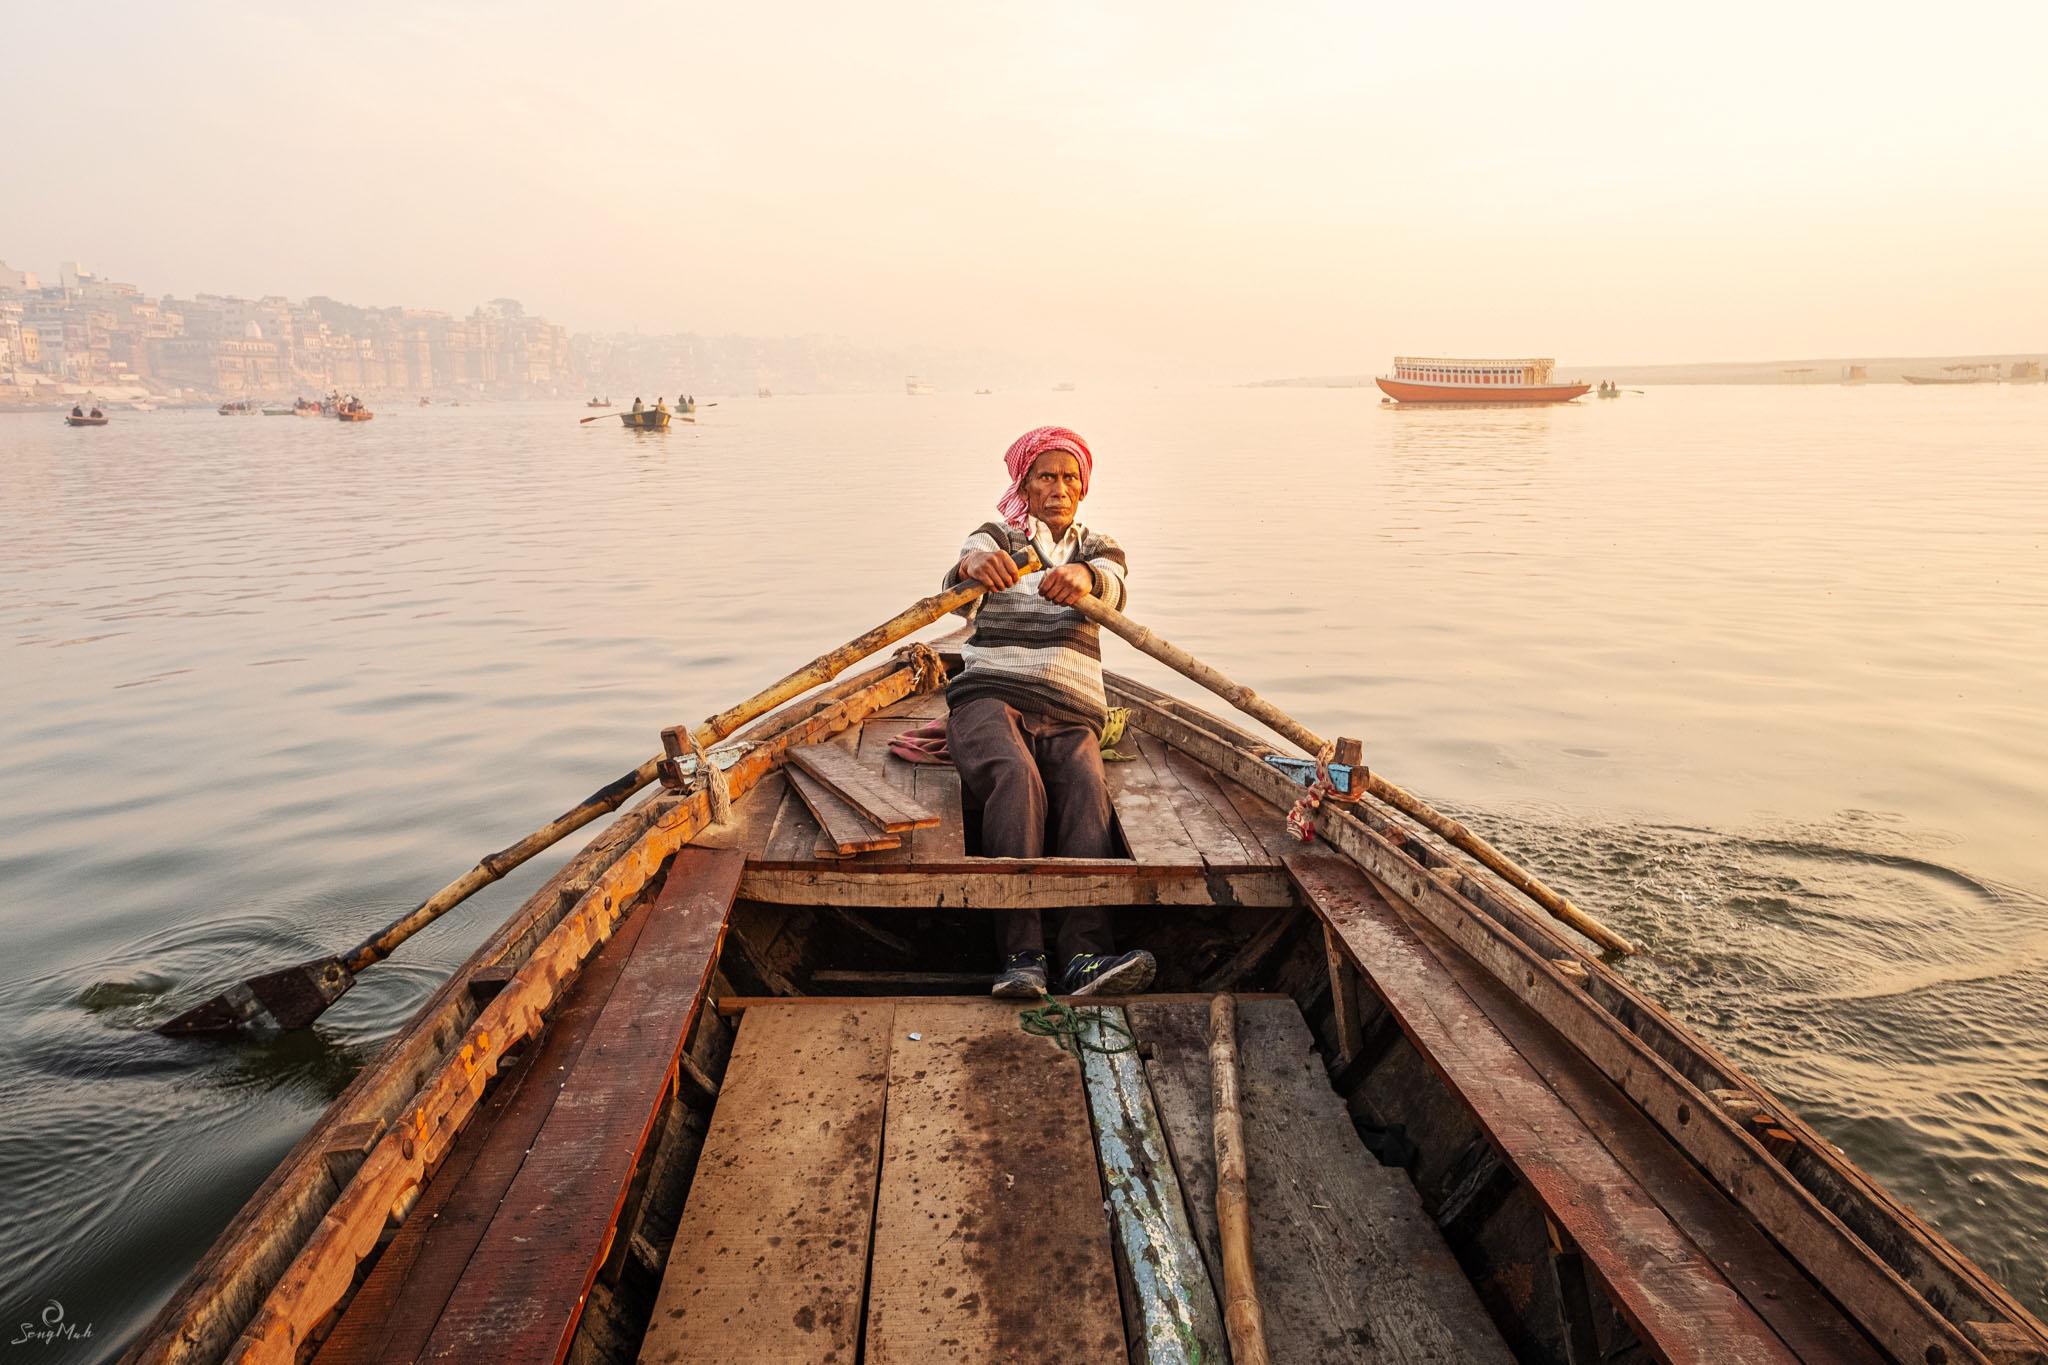 Varanasi boatman